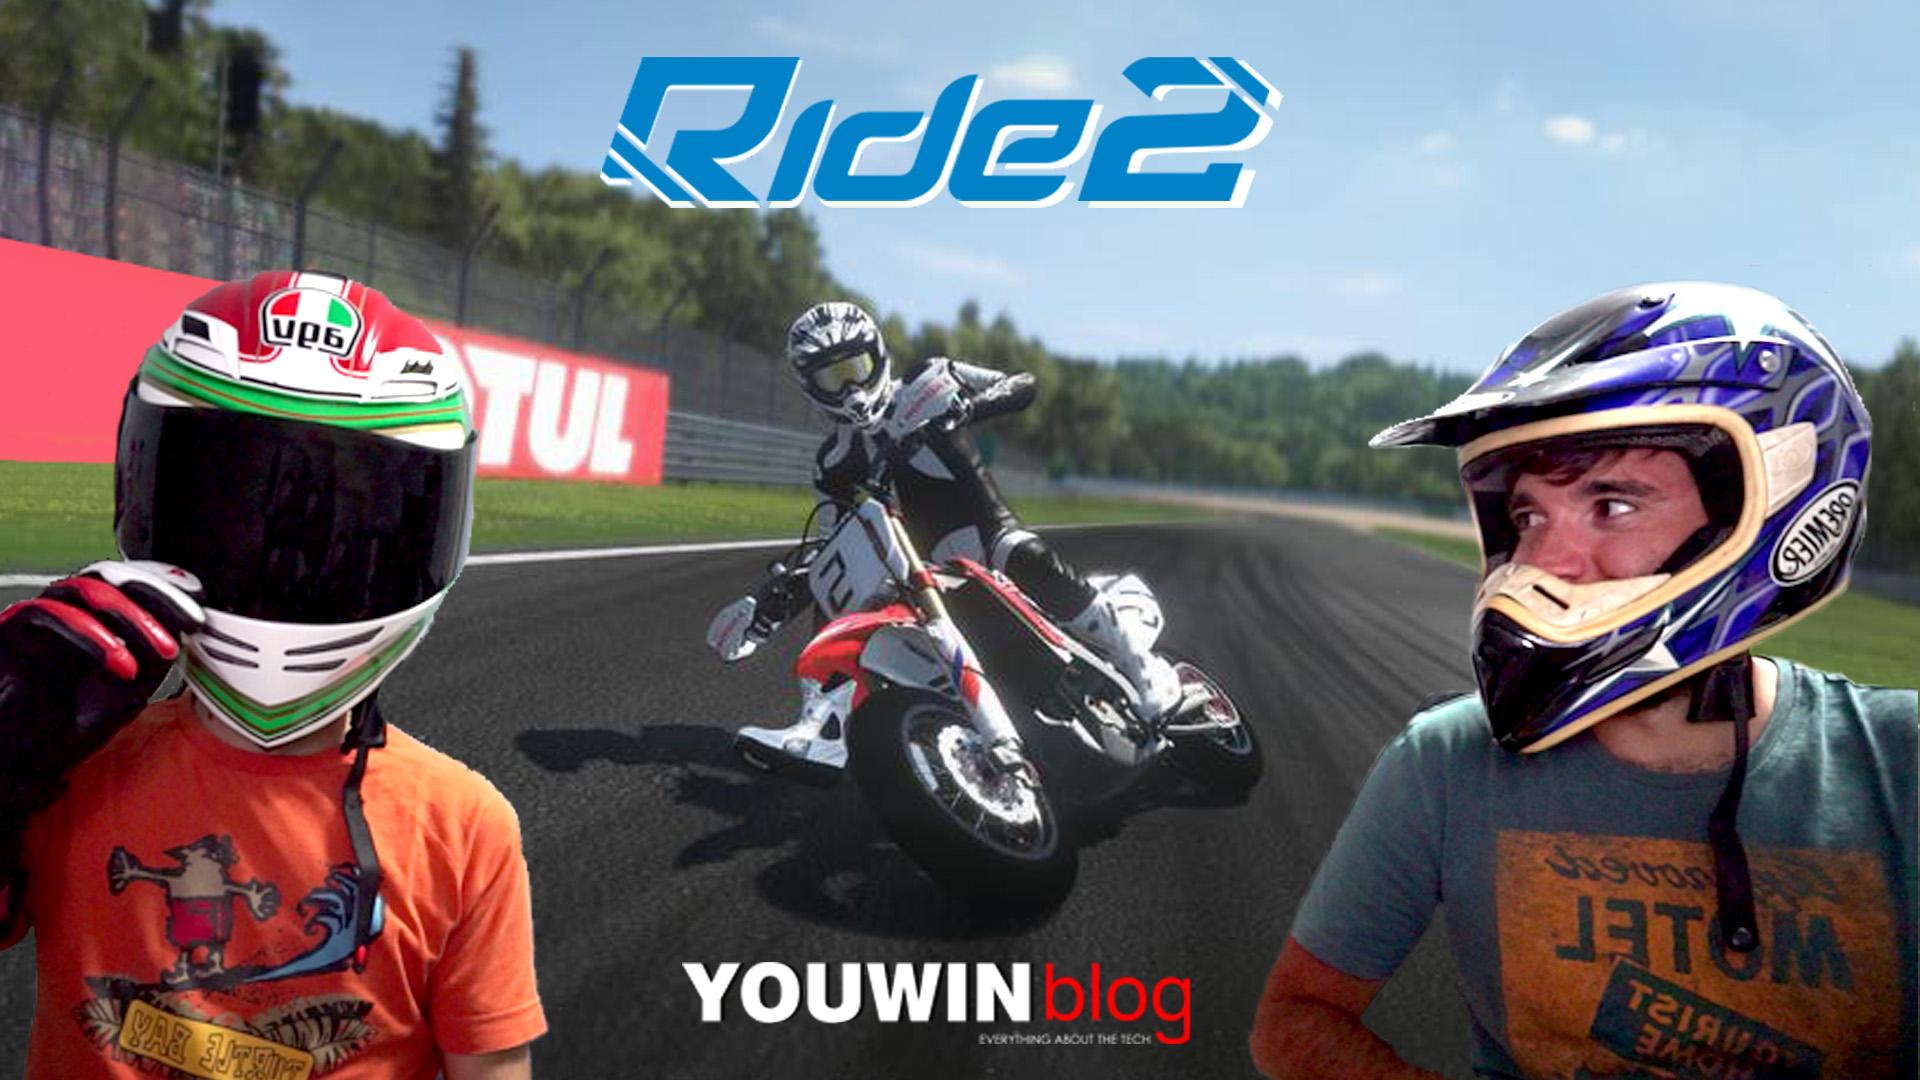 Ride 2 supermotard – Gameplay